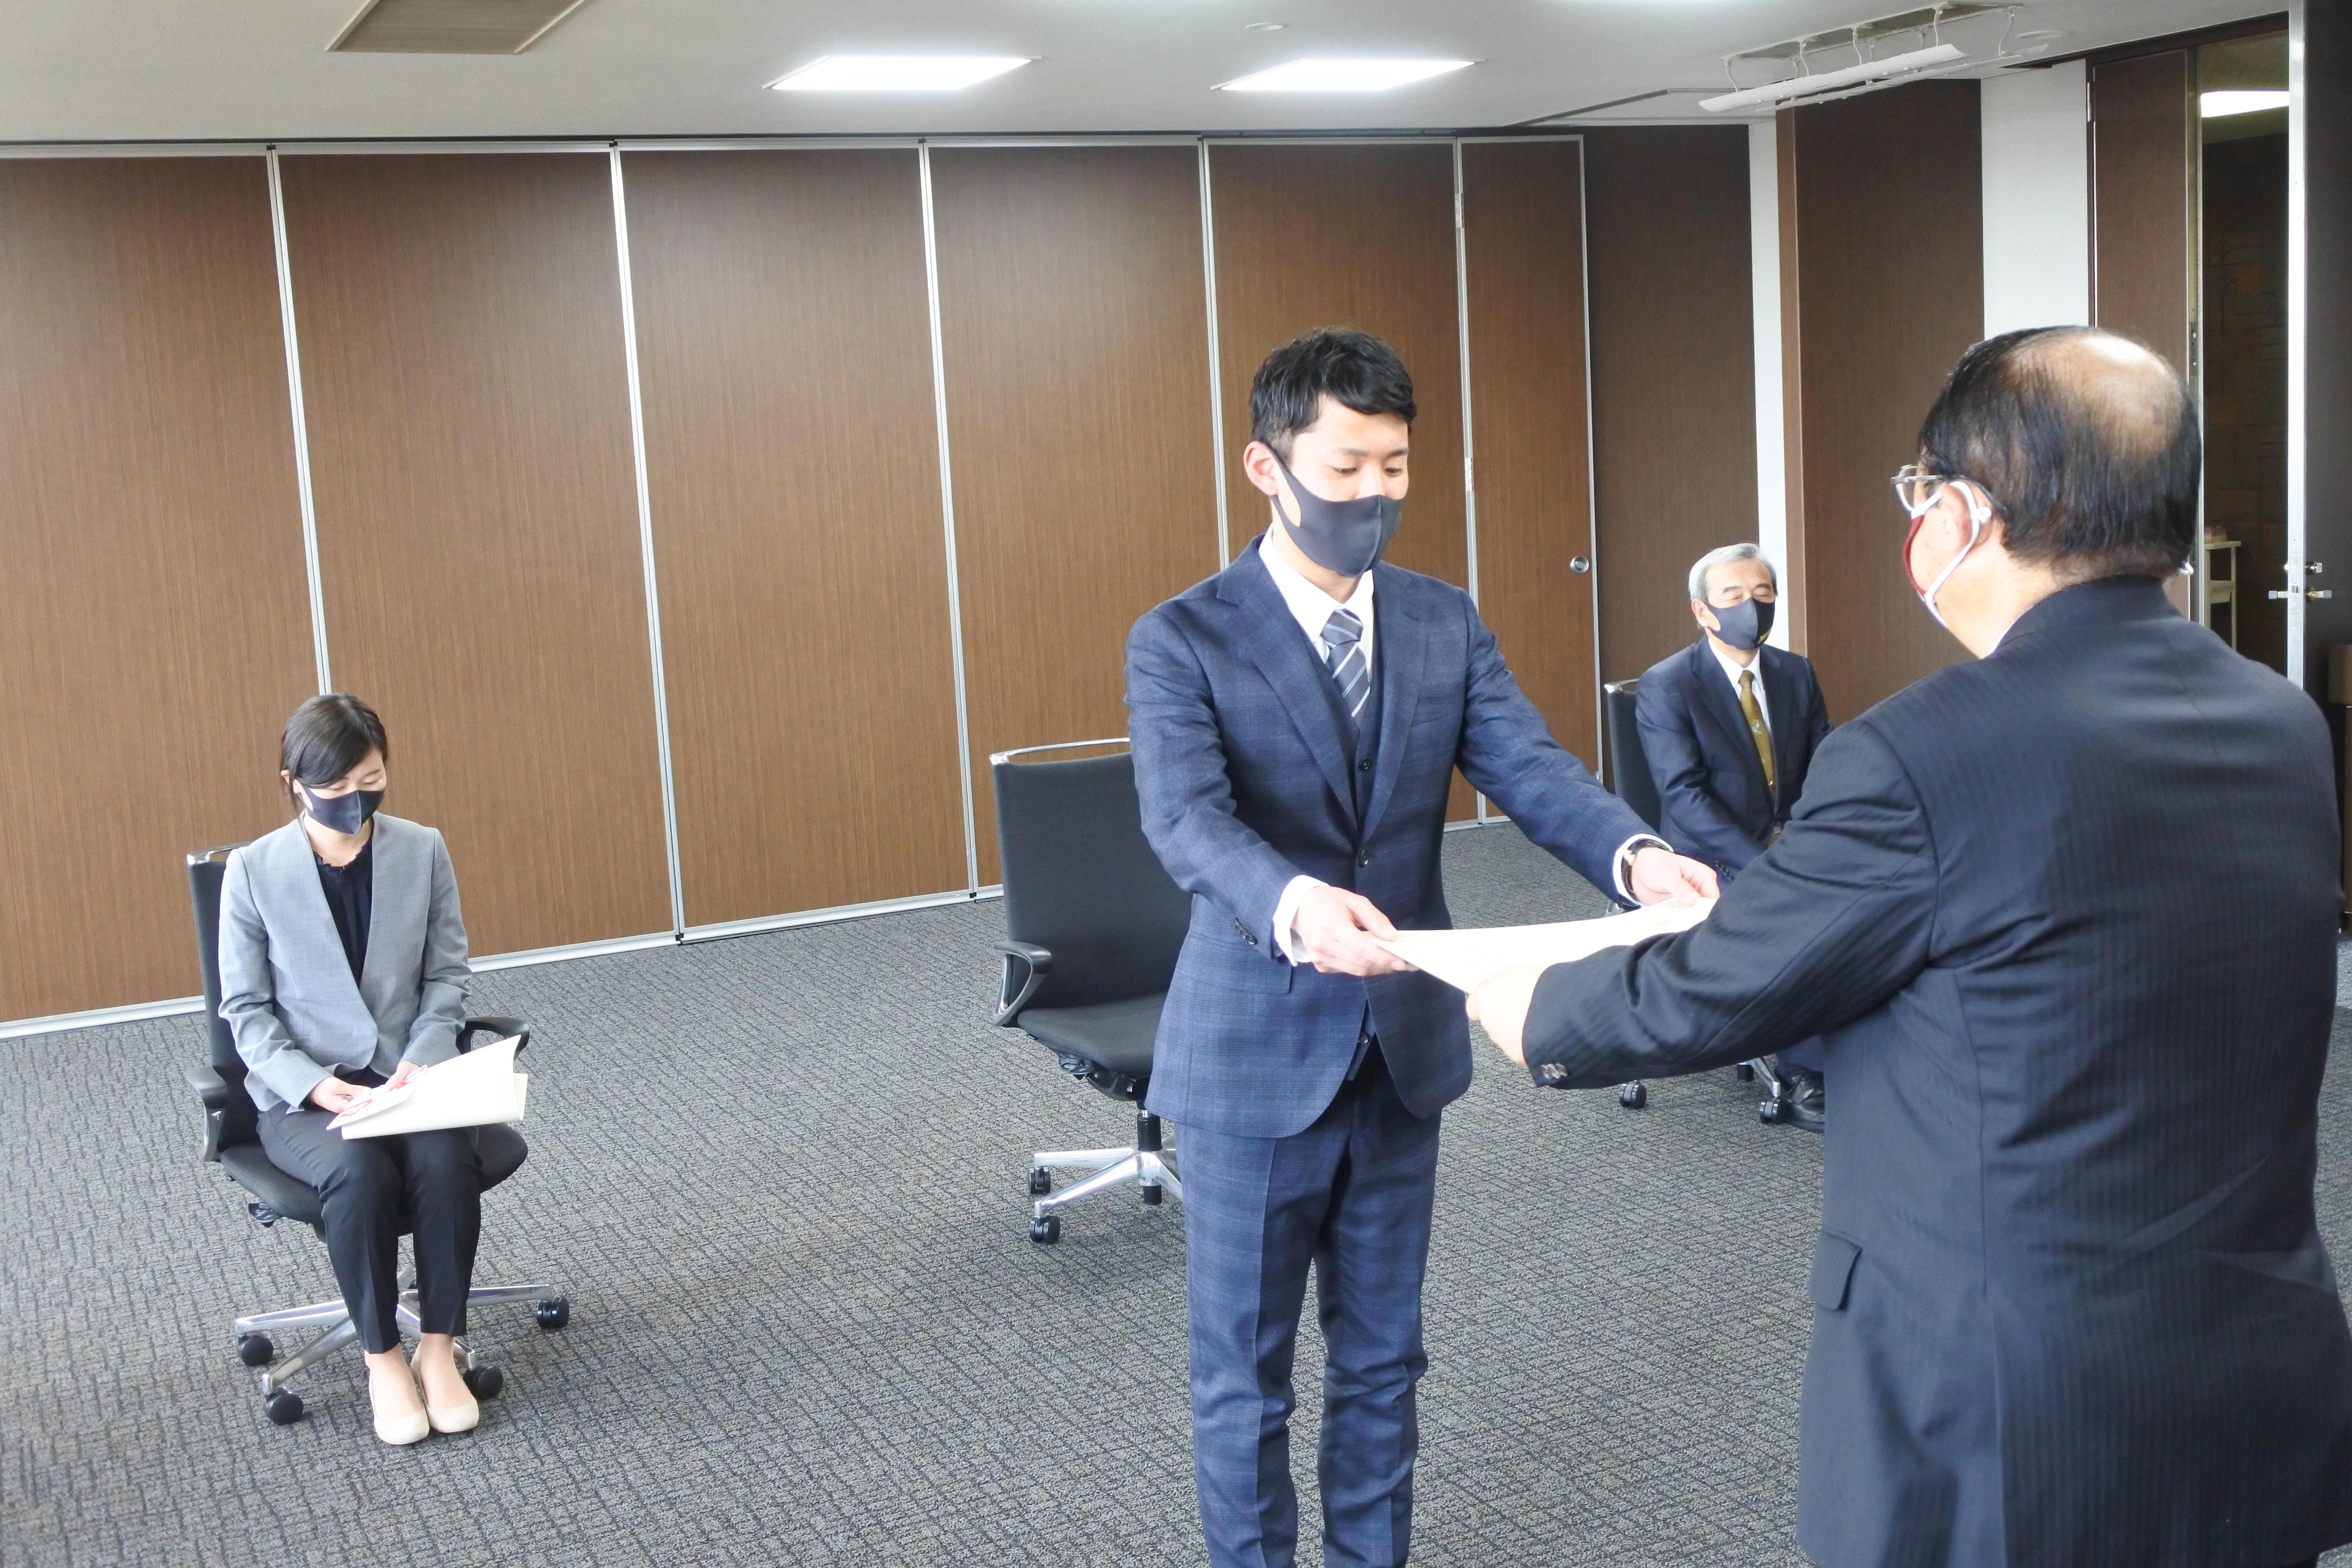 立花理事長から表彰状を受け取る玉城コーチ